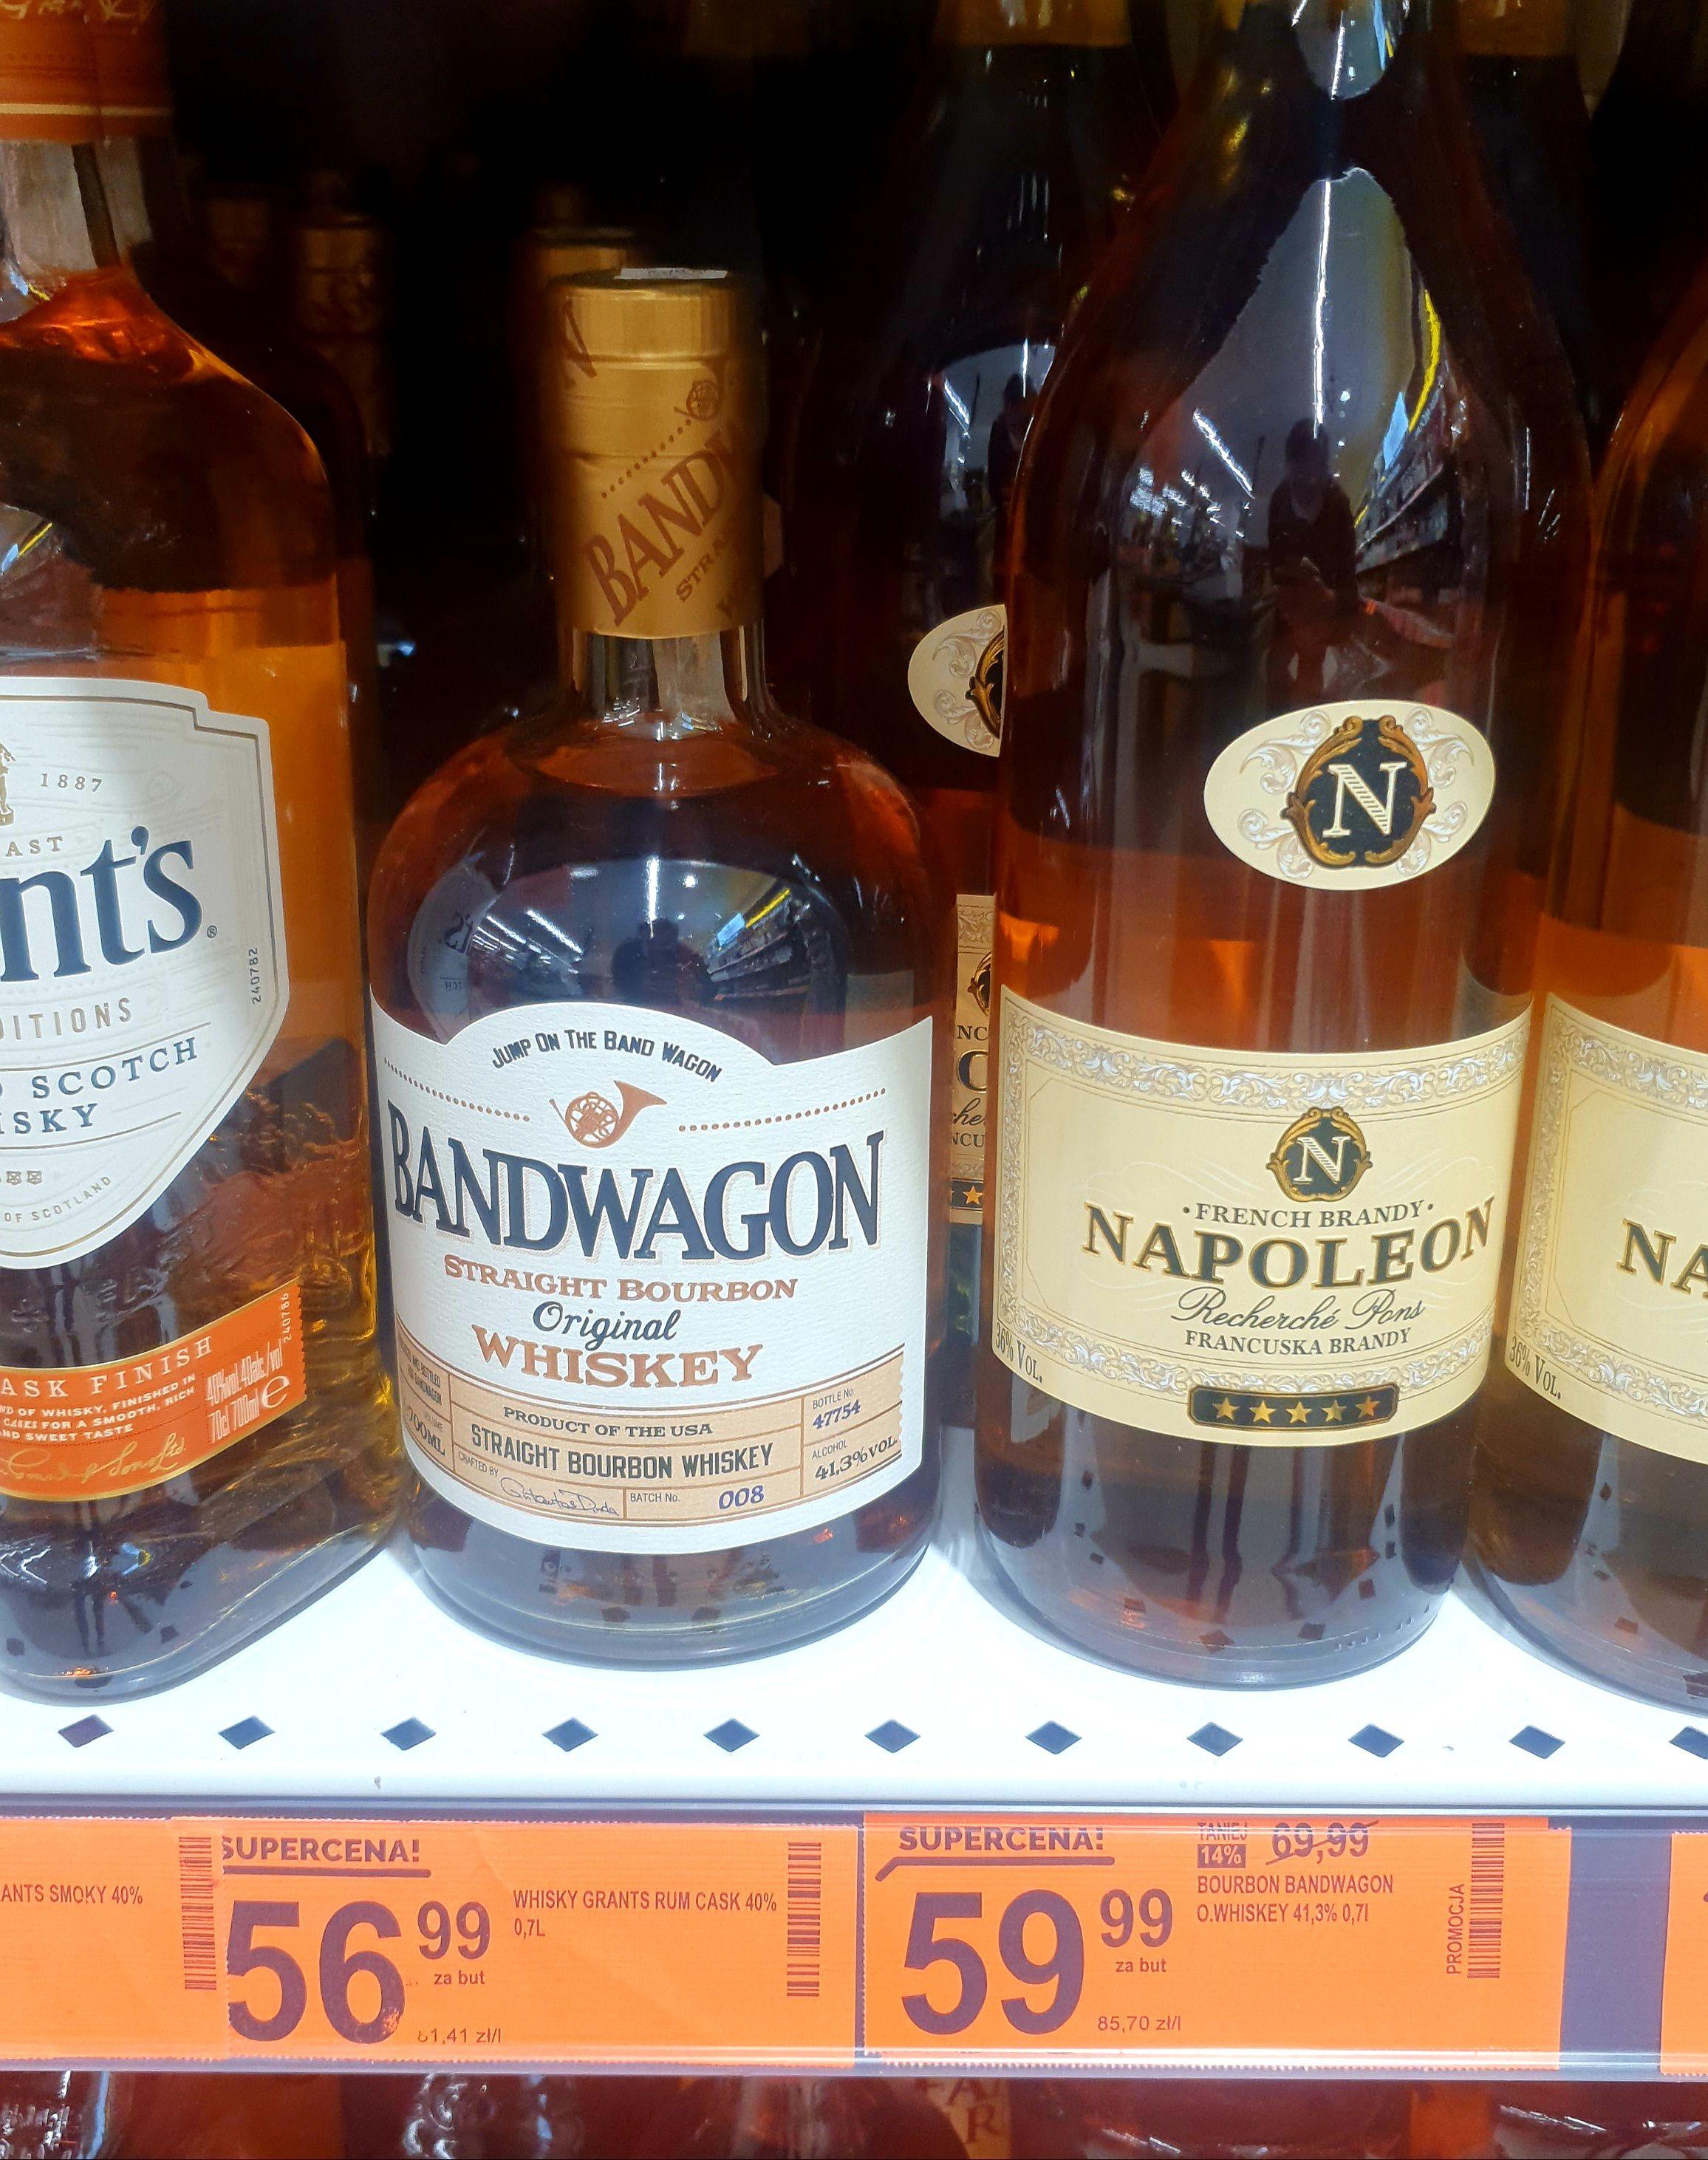 Bandwagon whiskey 10 zł taniej Biedronka